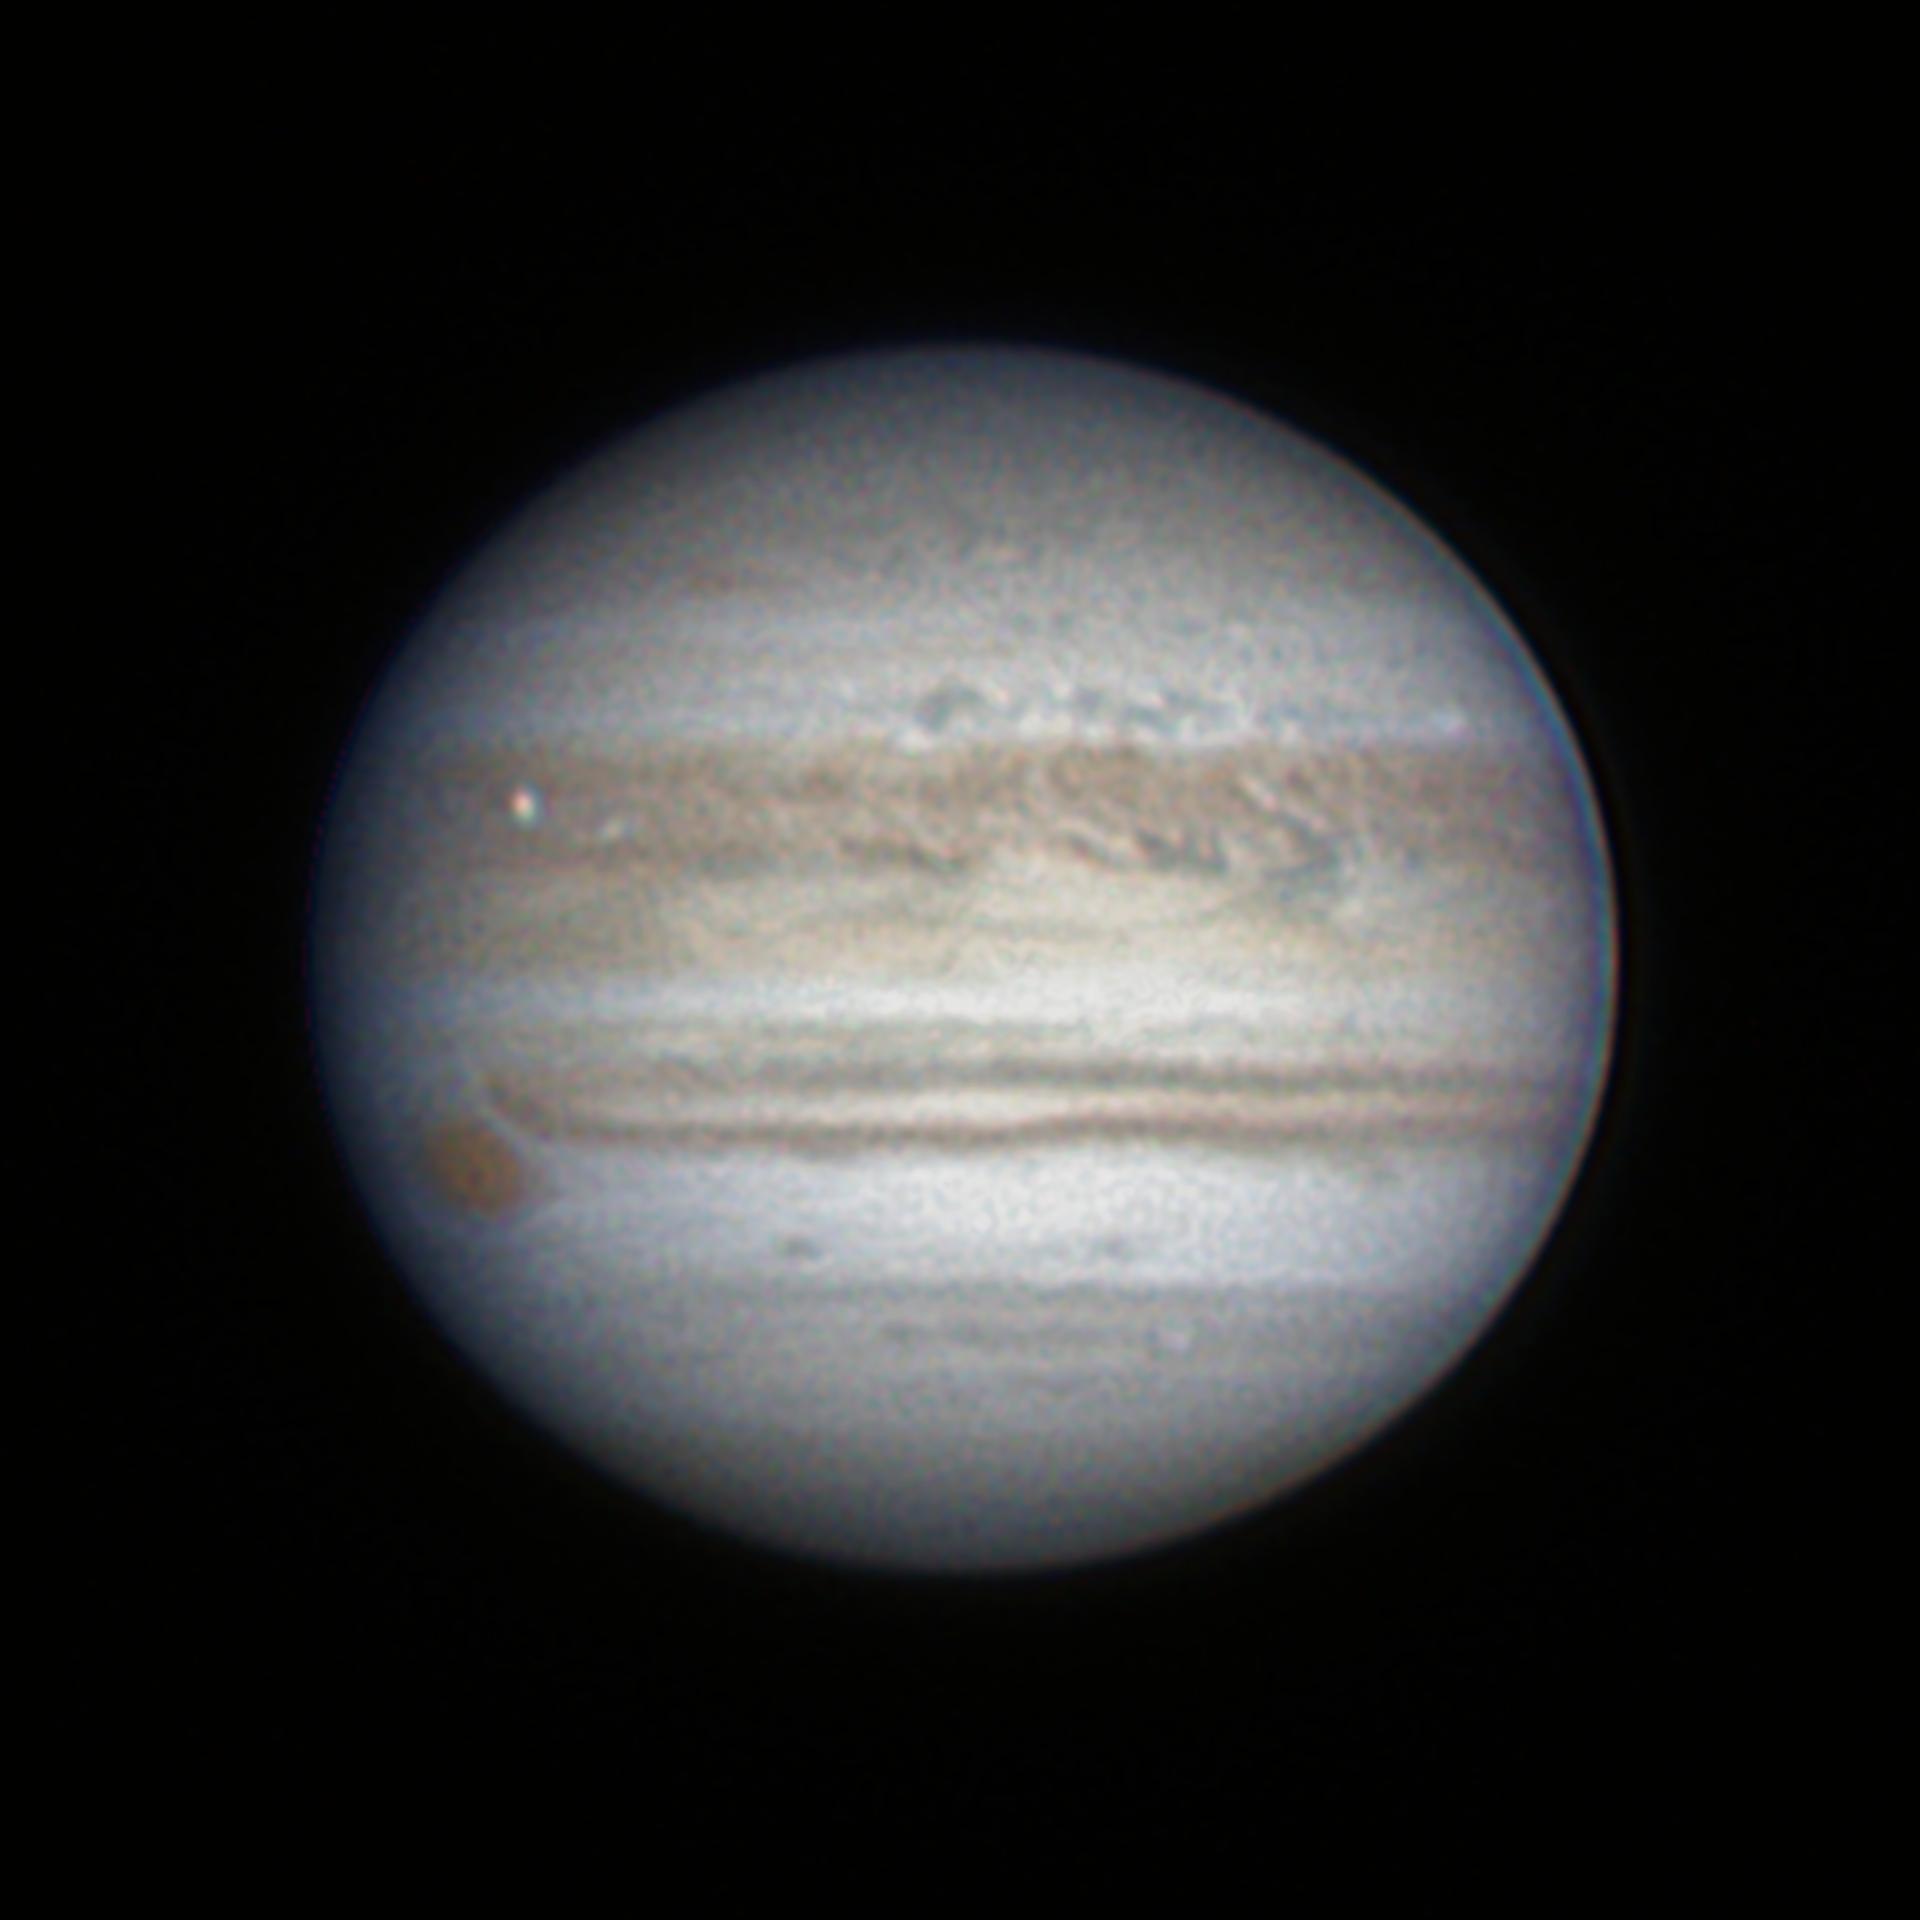 Jupiter 4 septembre 2020 - 19h07 TU